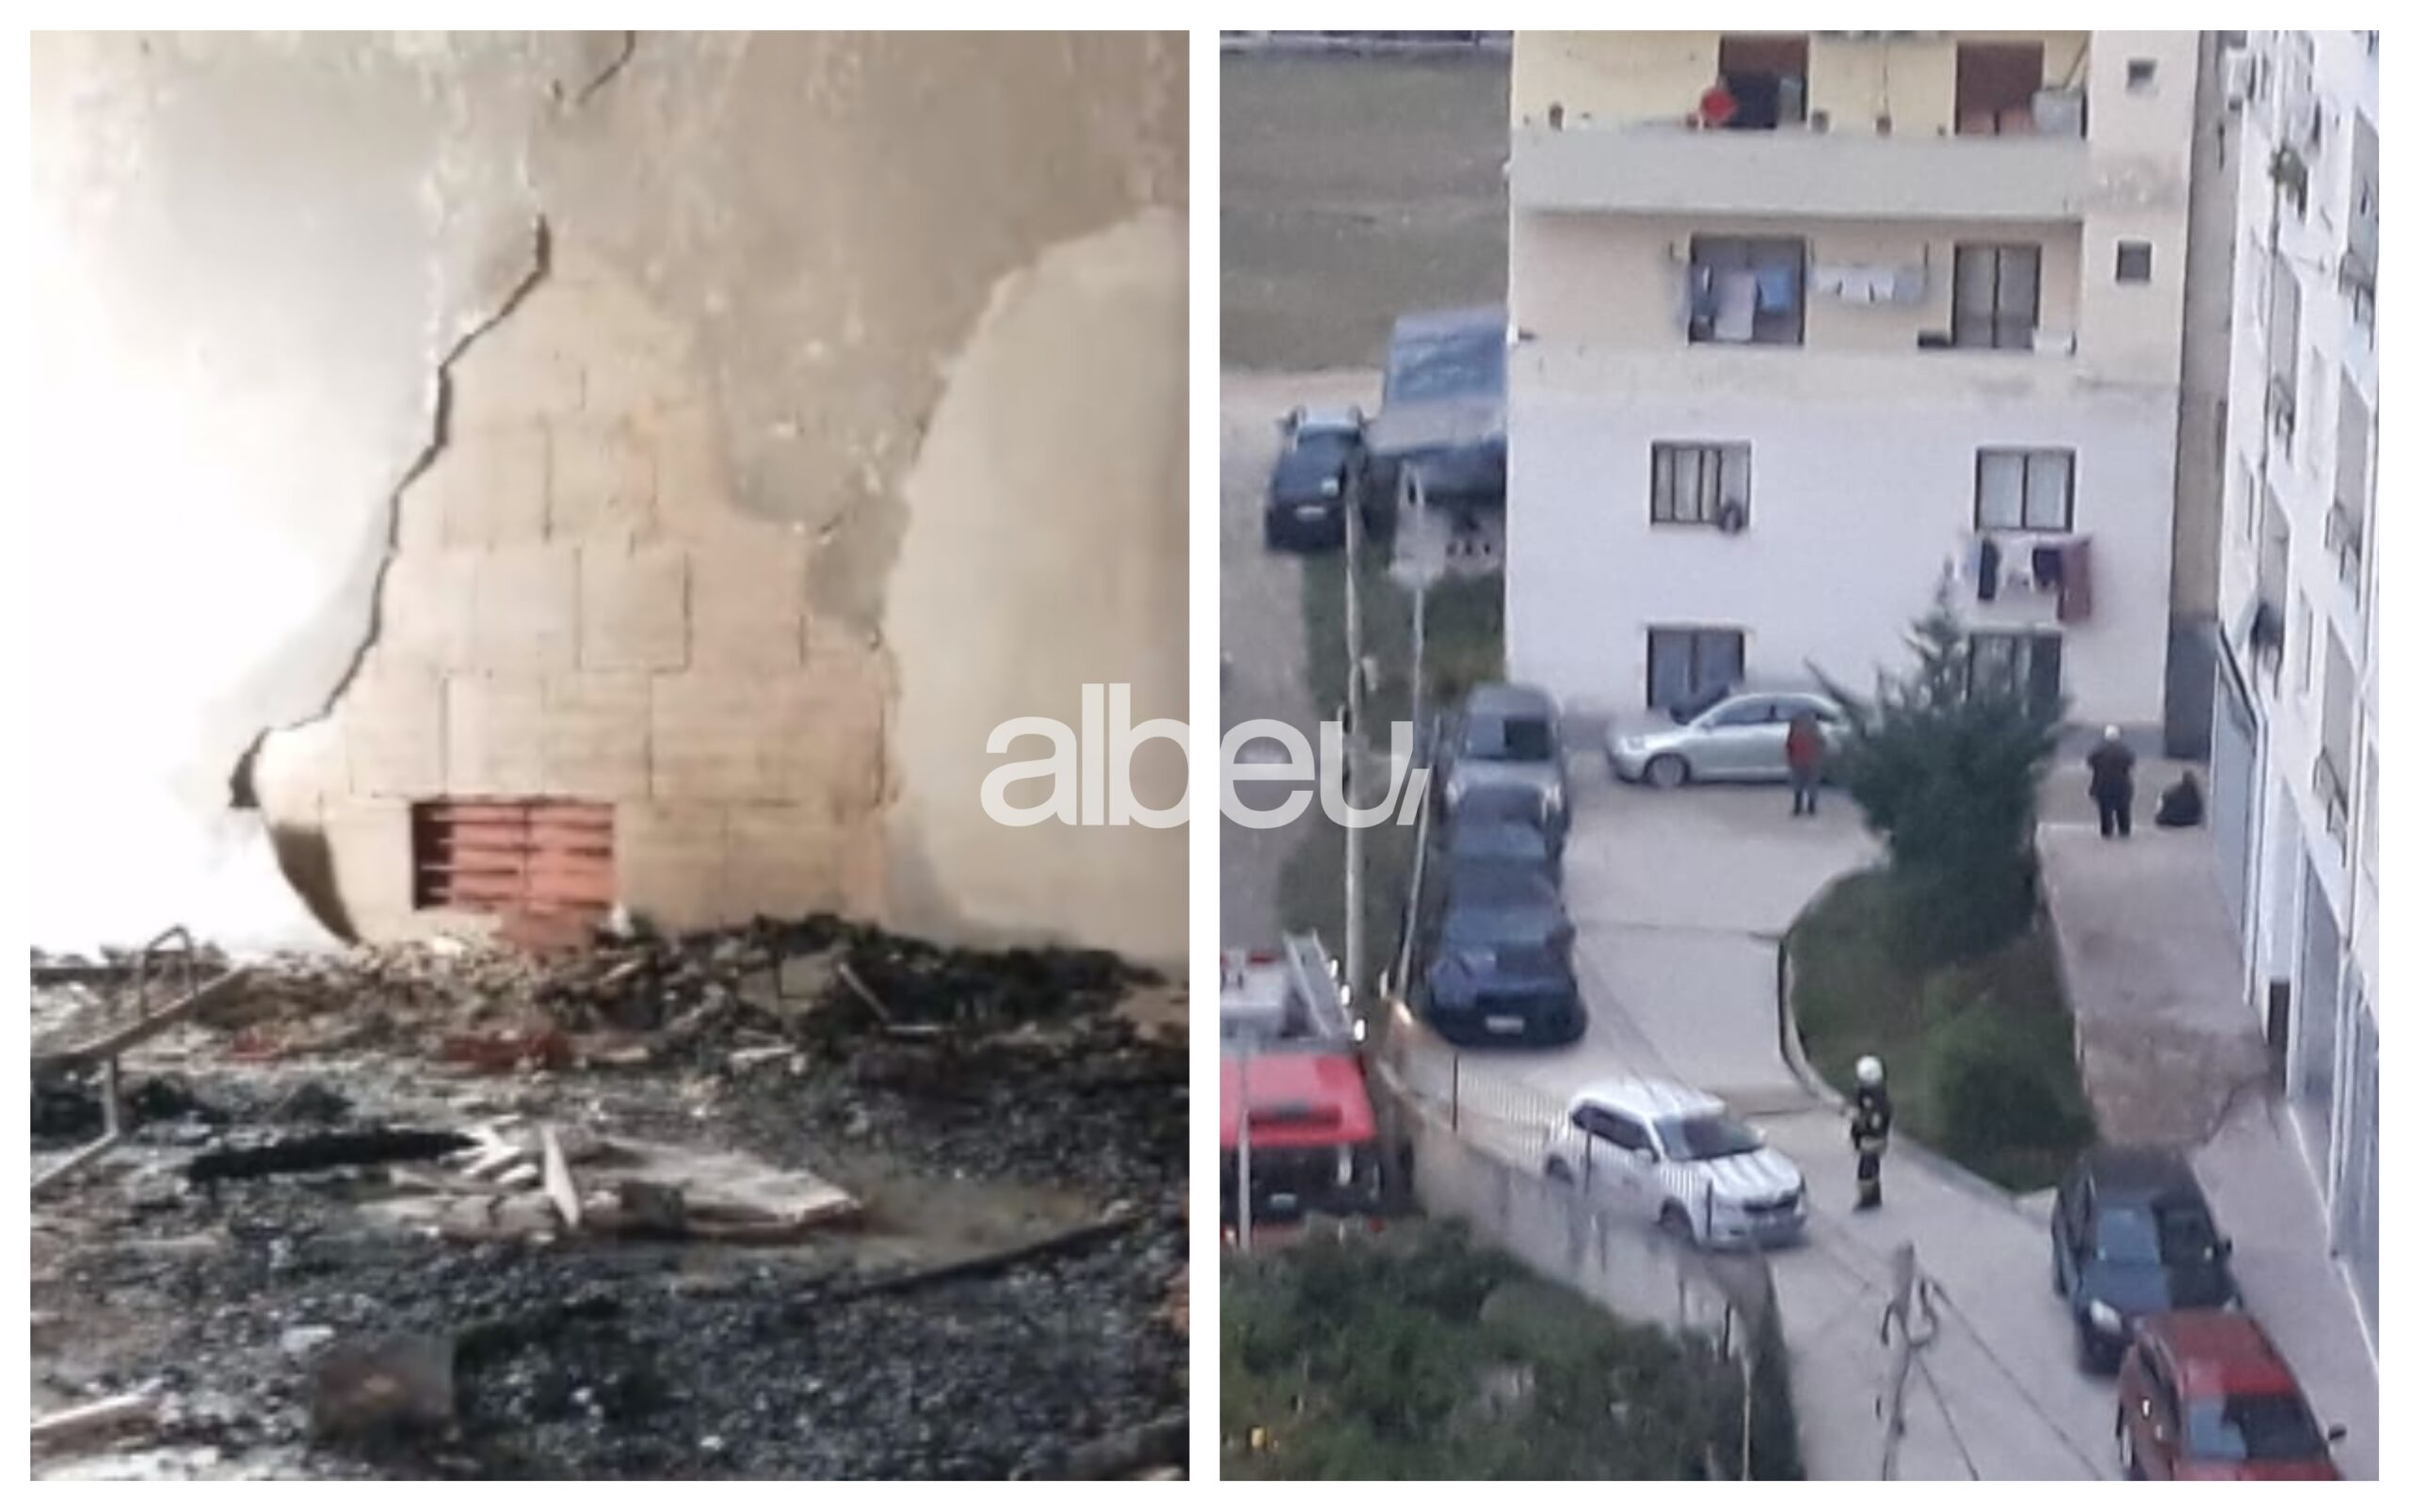 Zjarri në apartamentin në Astir, dyshohet të ketë qenë i qëllimshëm